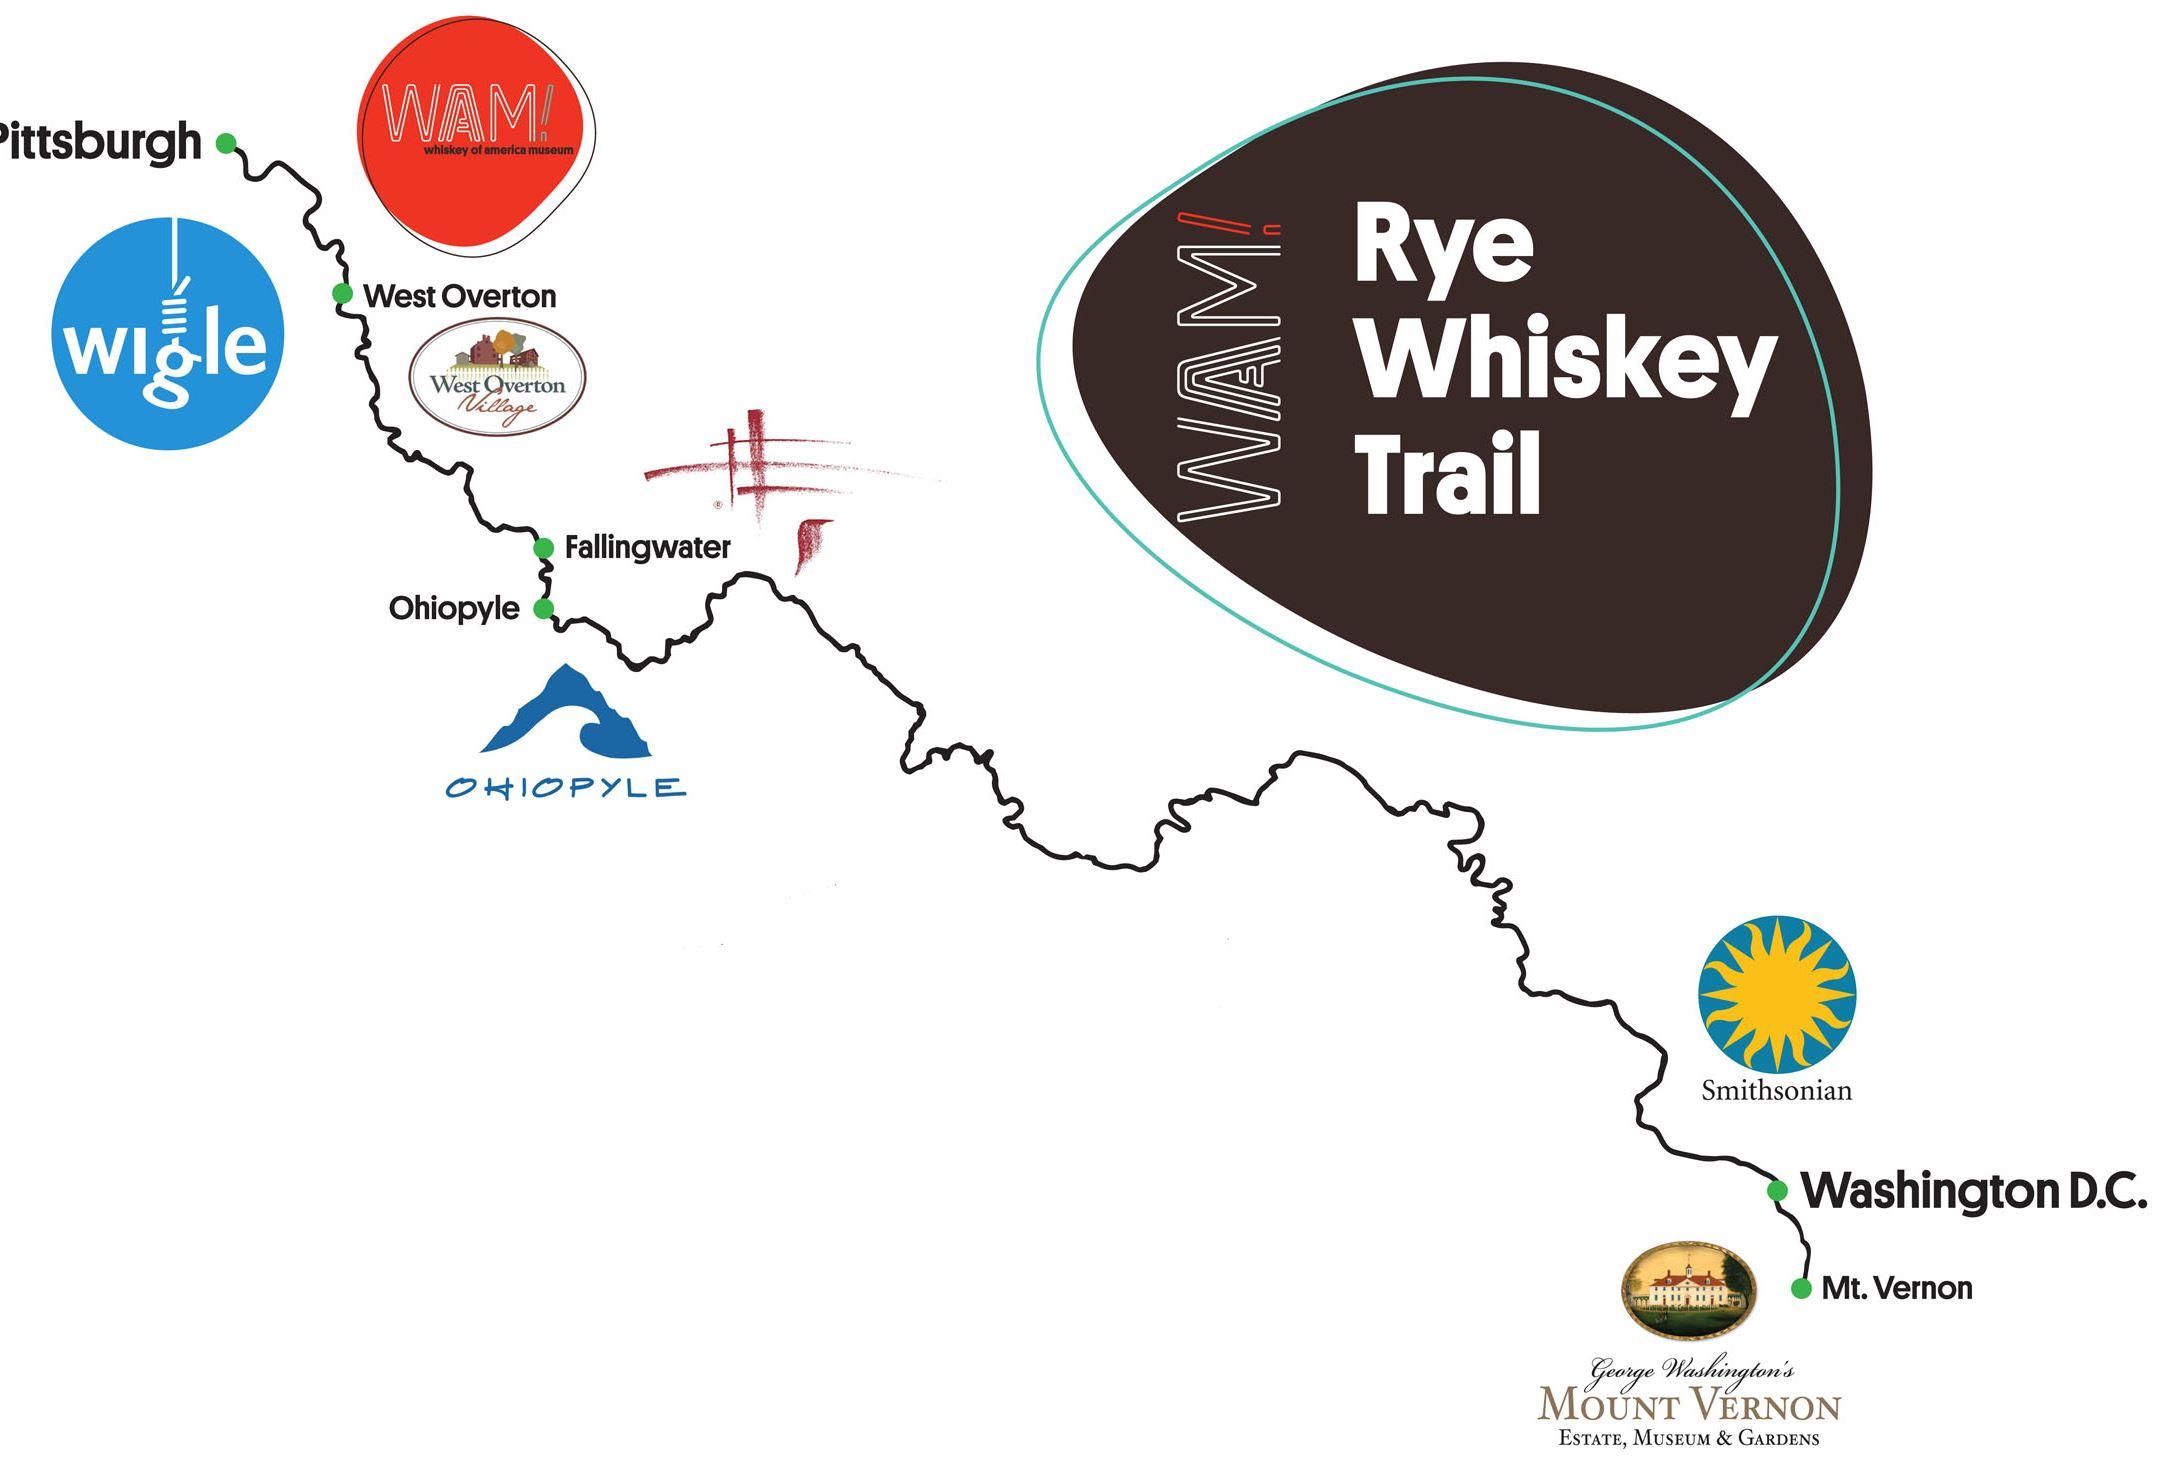 map_rye_whiskey_trail Rye Whiskey Trail.